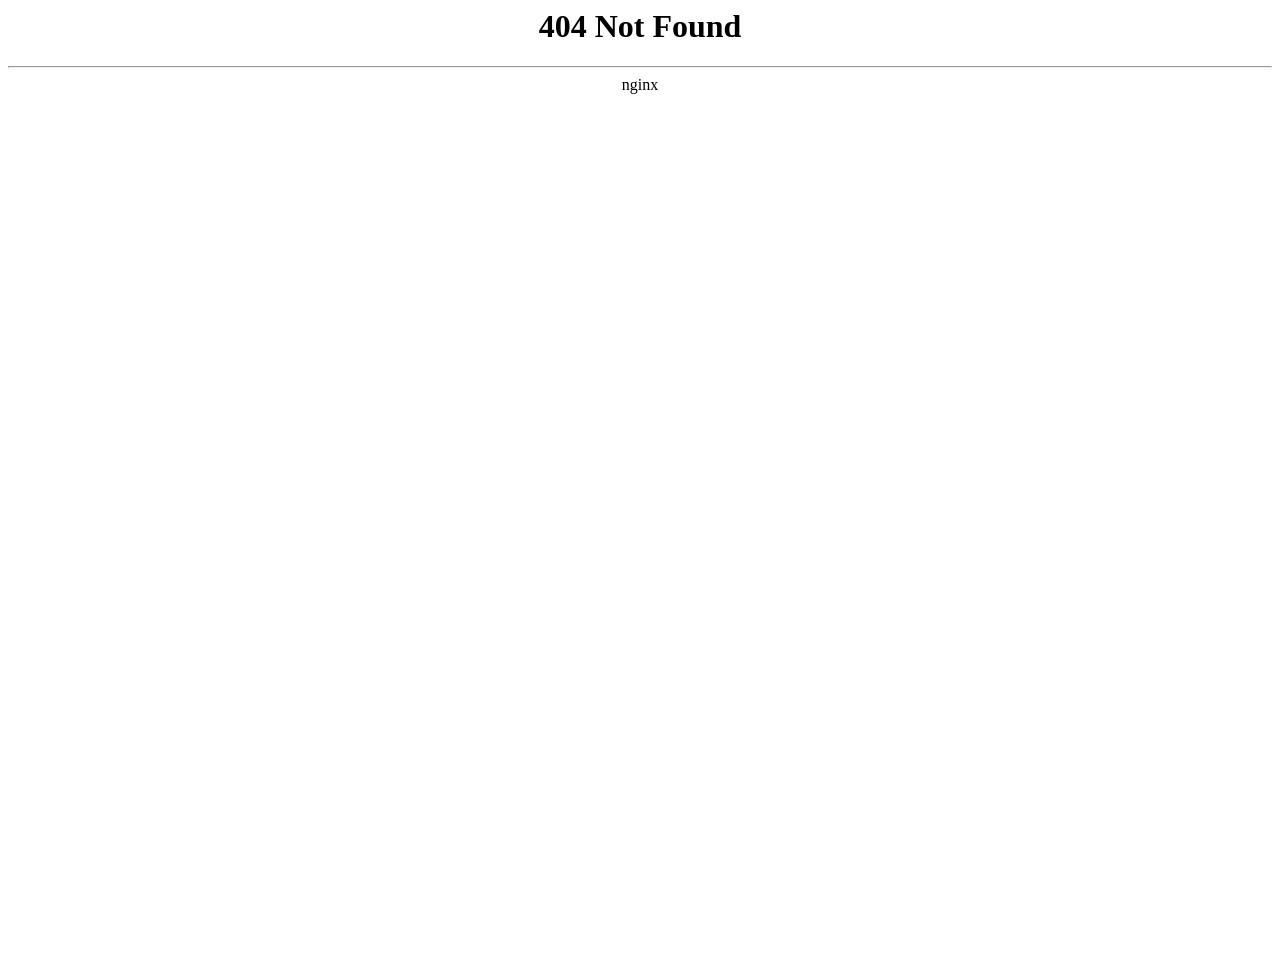 妖精的尾巴中文网截图